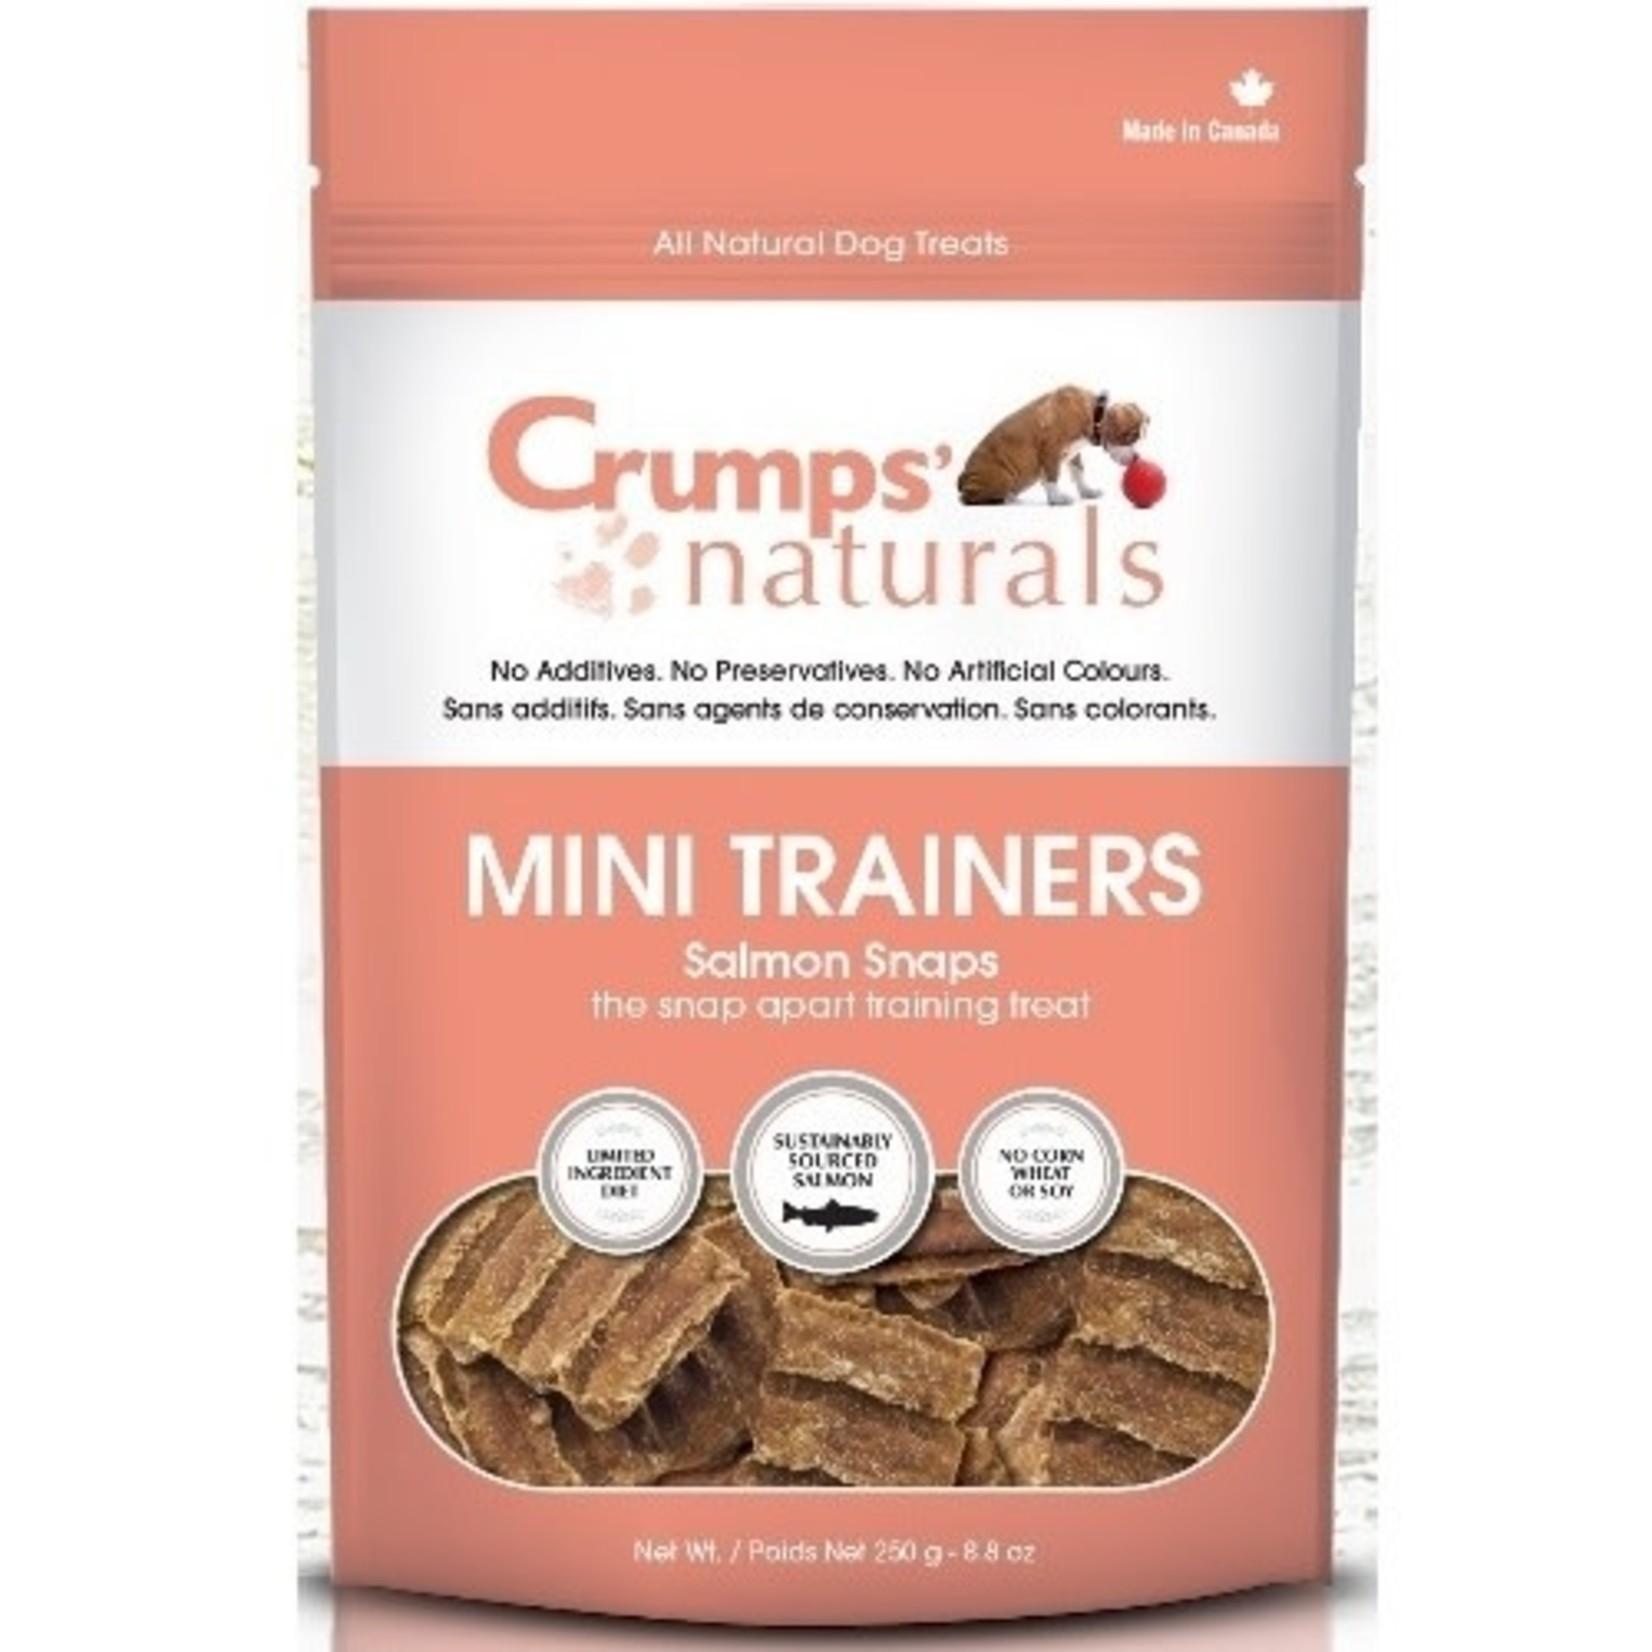 Crumps' Naturals Crumps' Naturals Dog treat  Salmon Snaps 120g